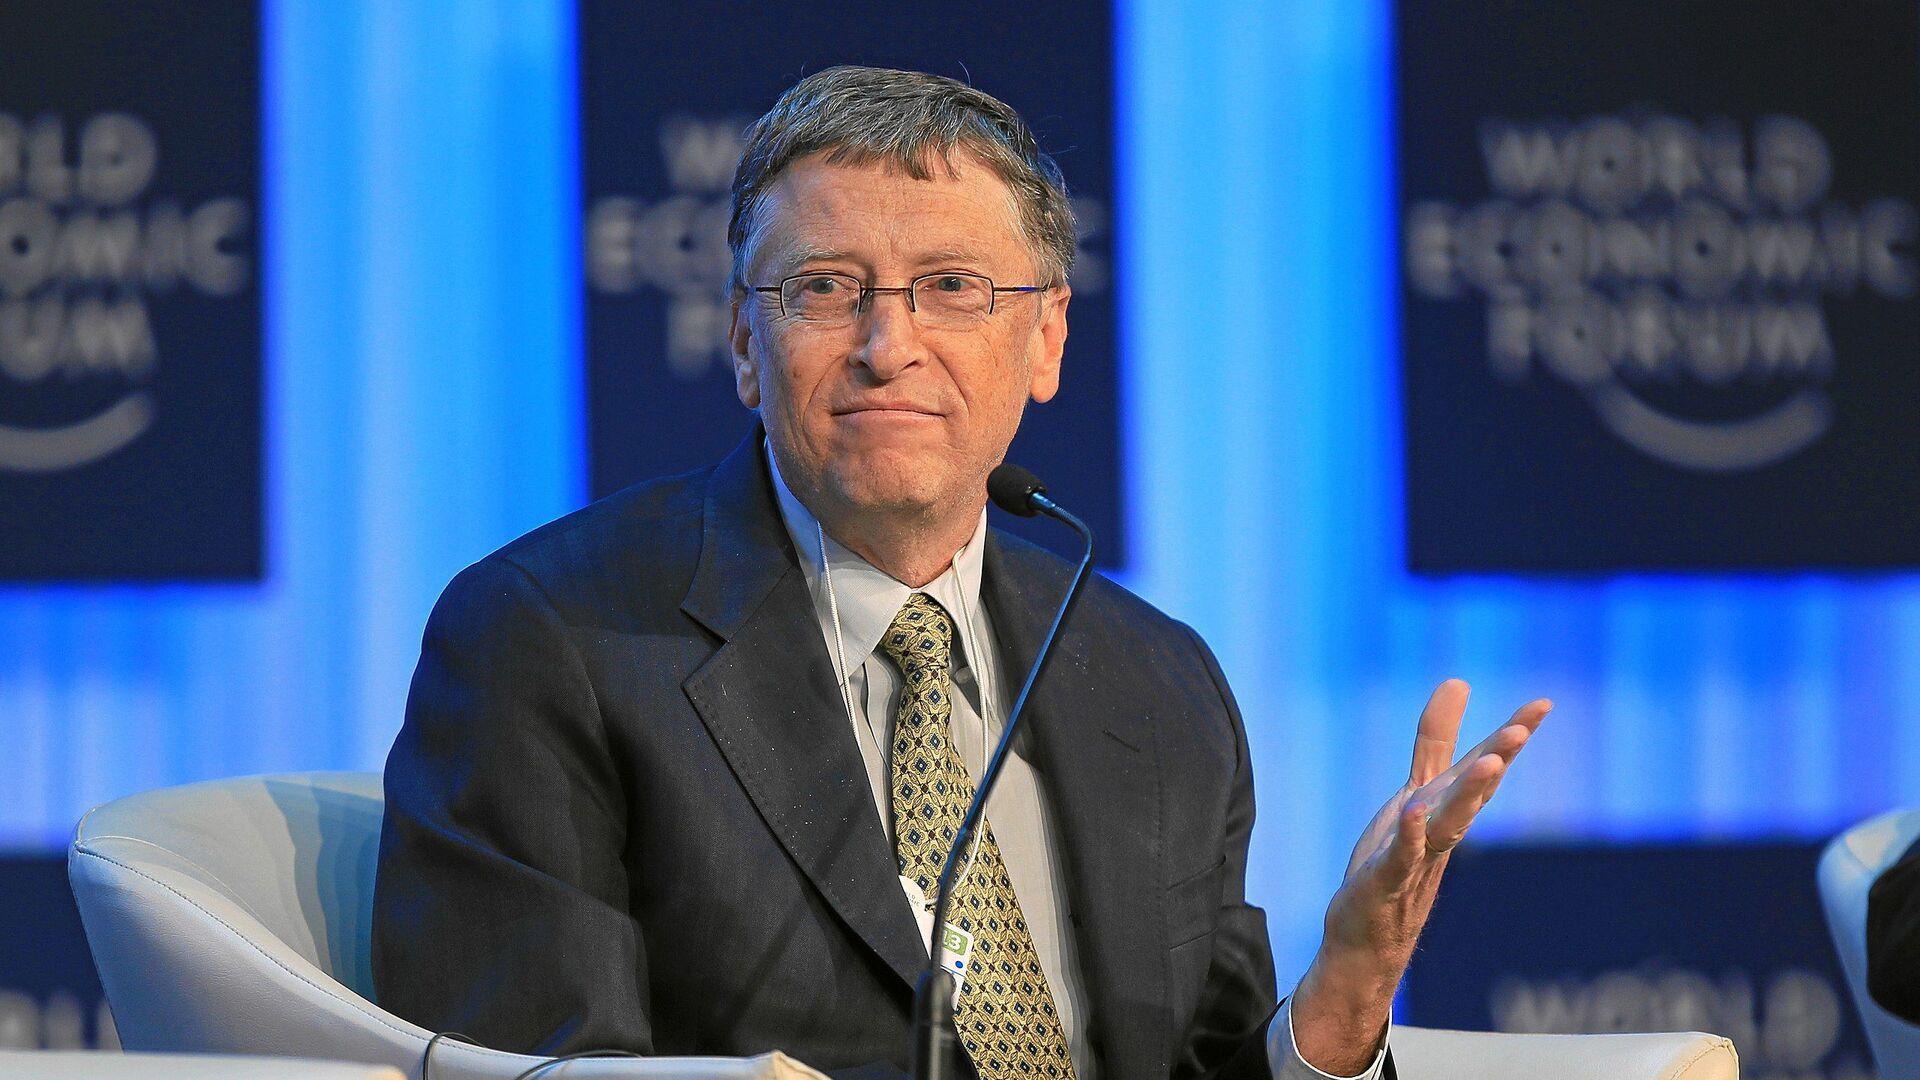 Милијардер и оснивач Мајкрософта Бил Гејтс на Светском економском форуму 2013. године - Sputnik Србија, 1920, 20.05.2021